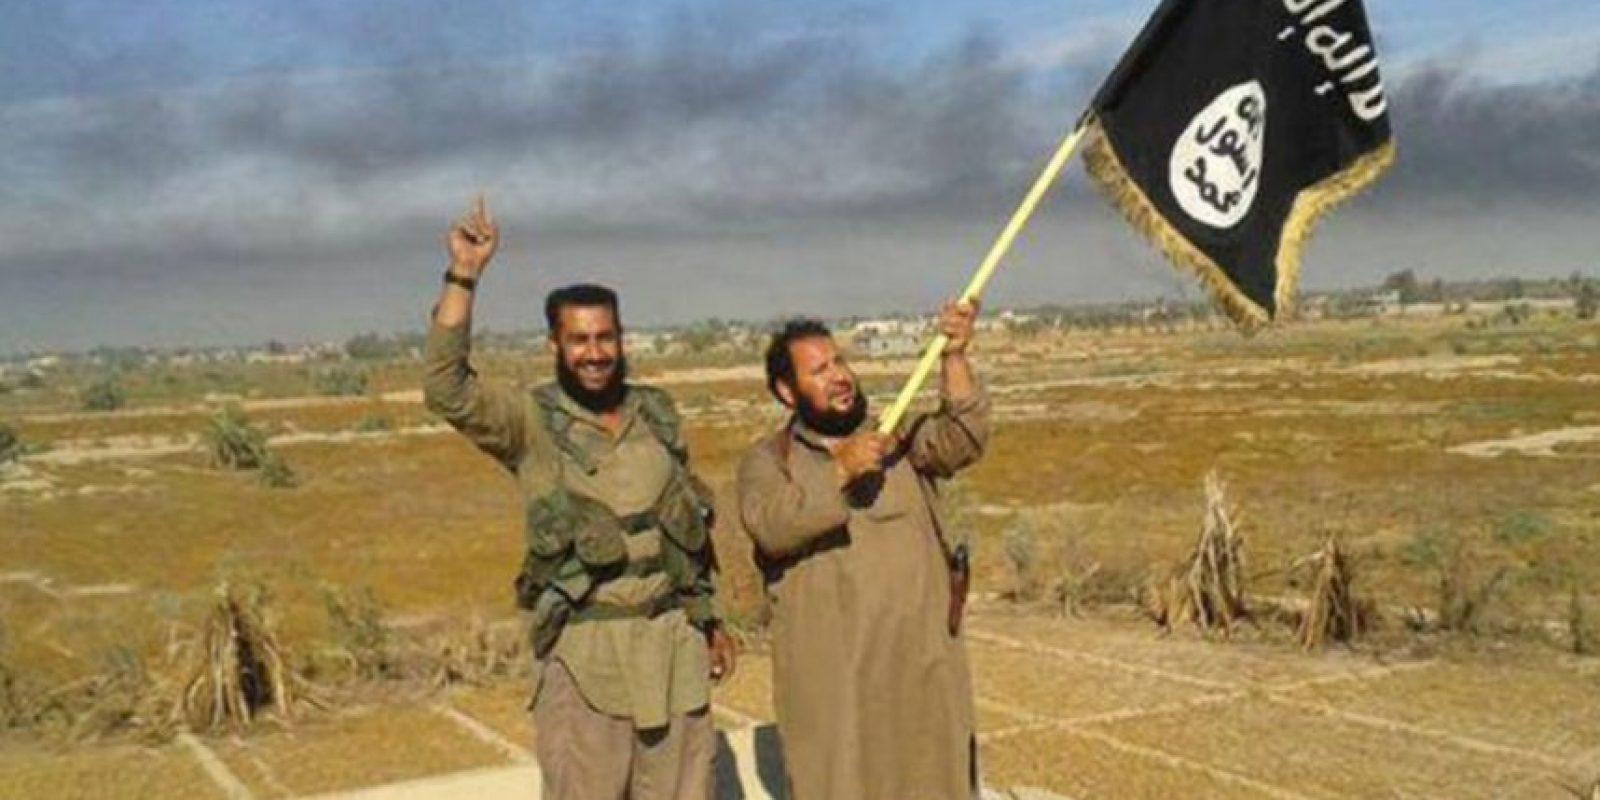 Así Estado Islámico obtiene financiamiento para atentados terroristas Foto:AP